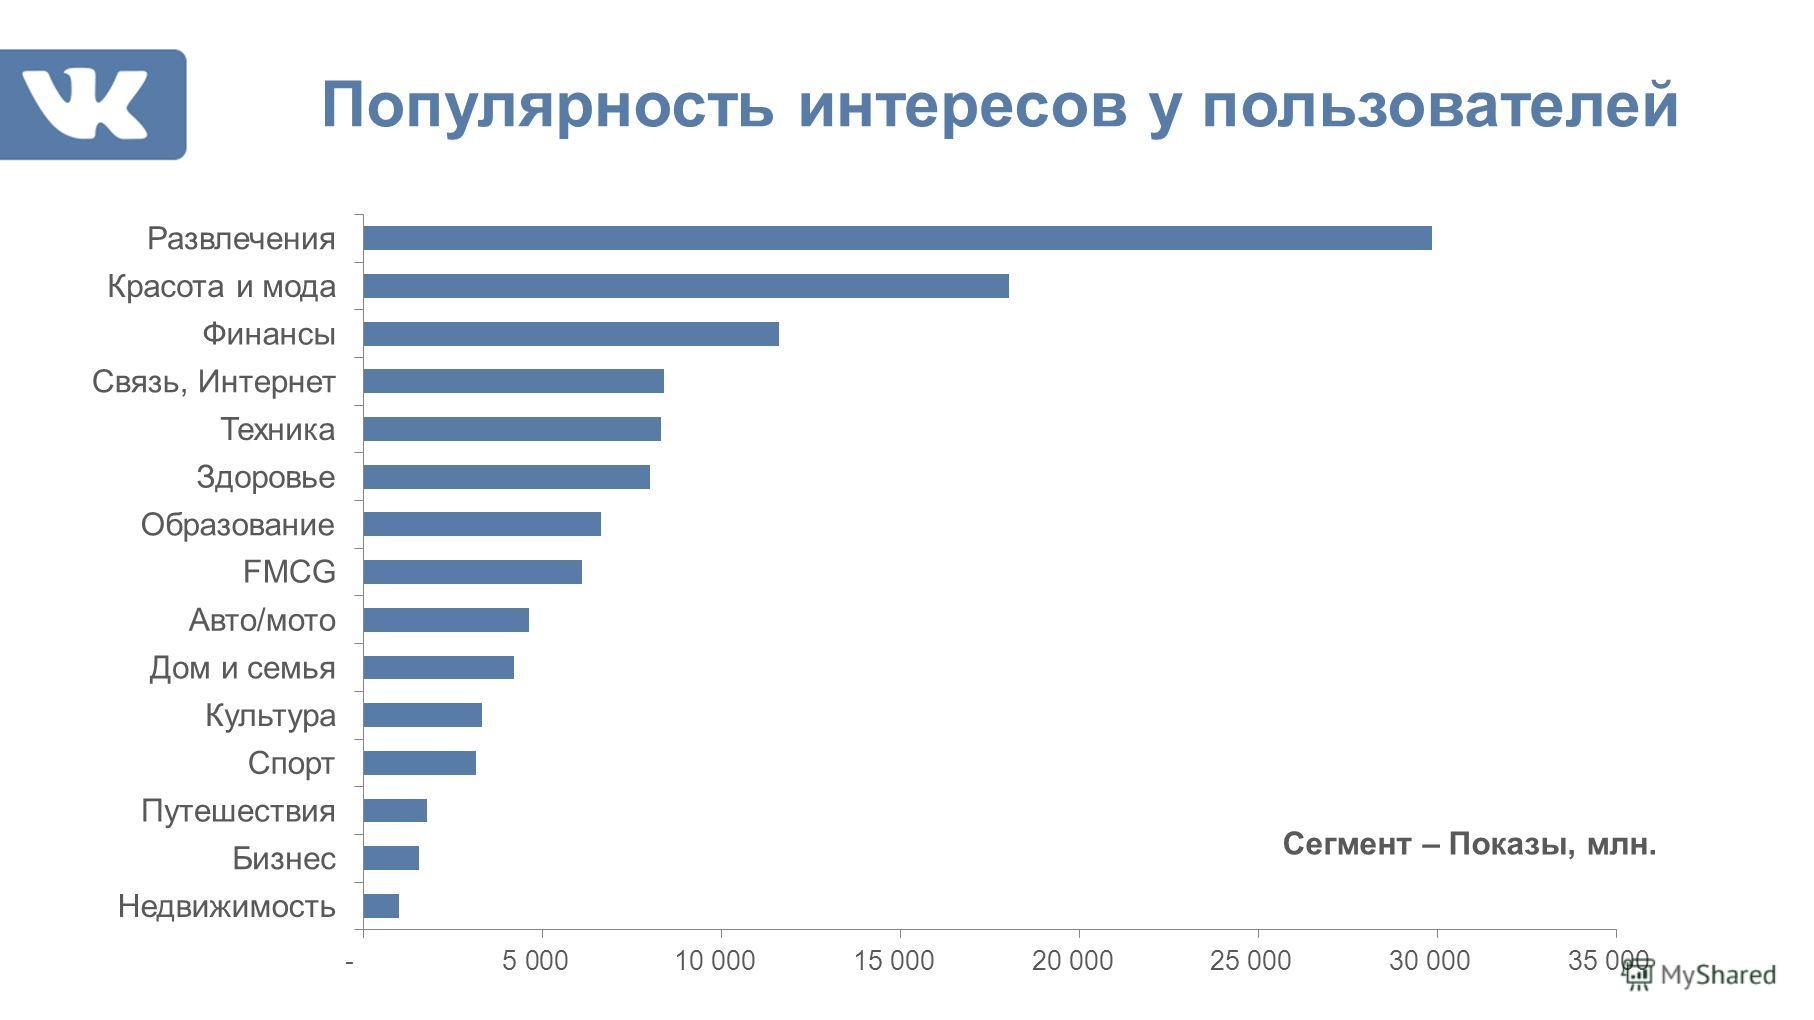 Популярность интересов у пользователей